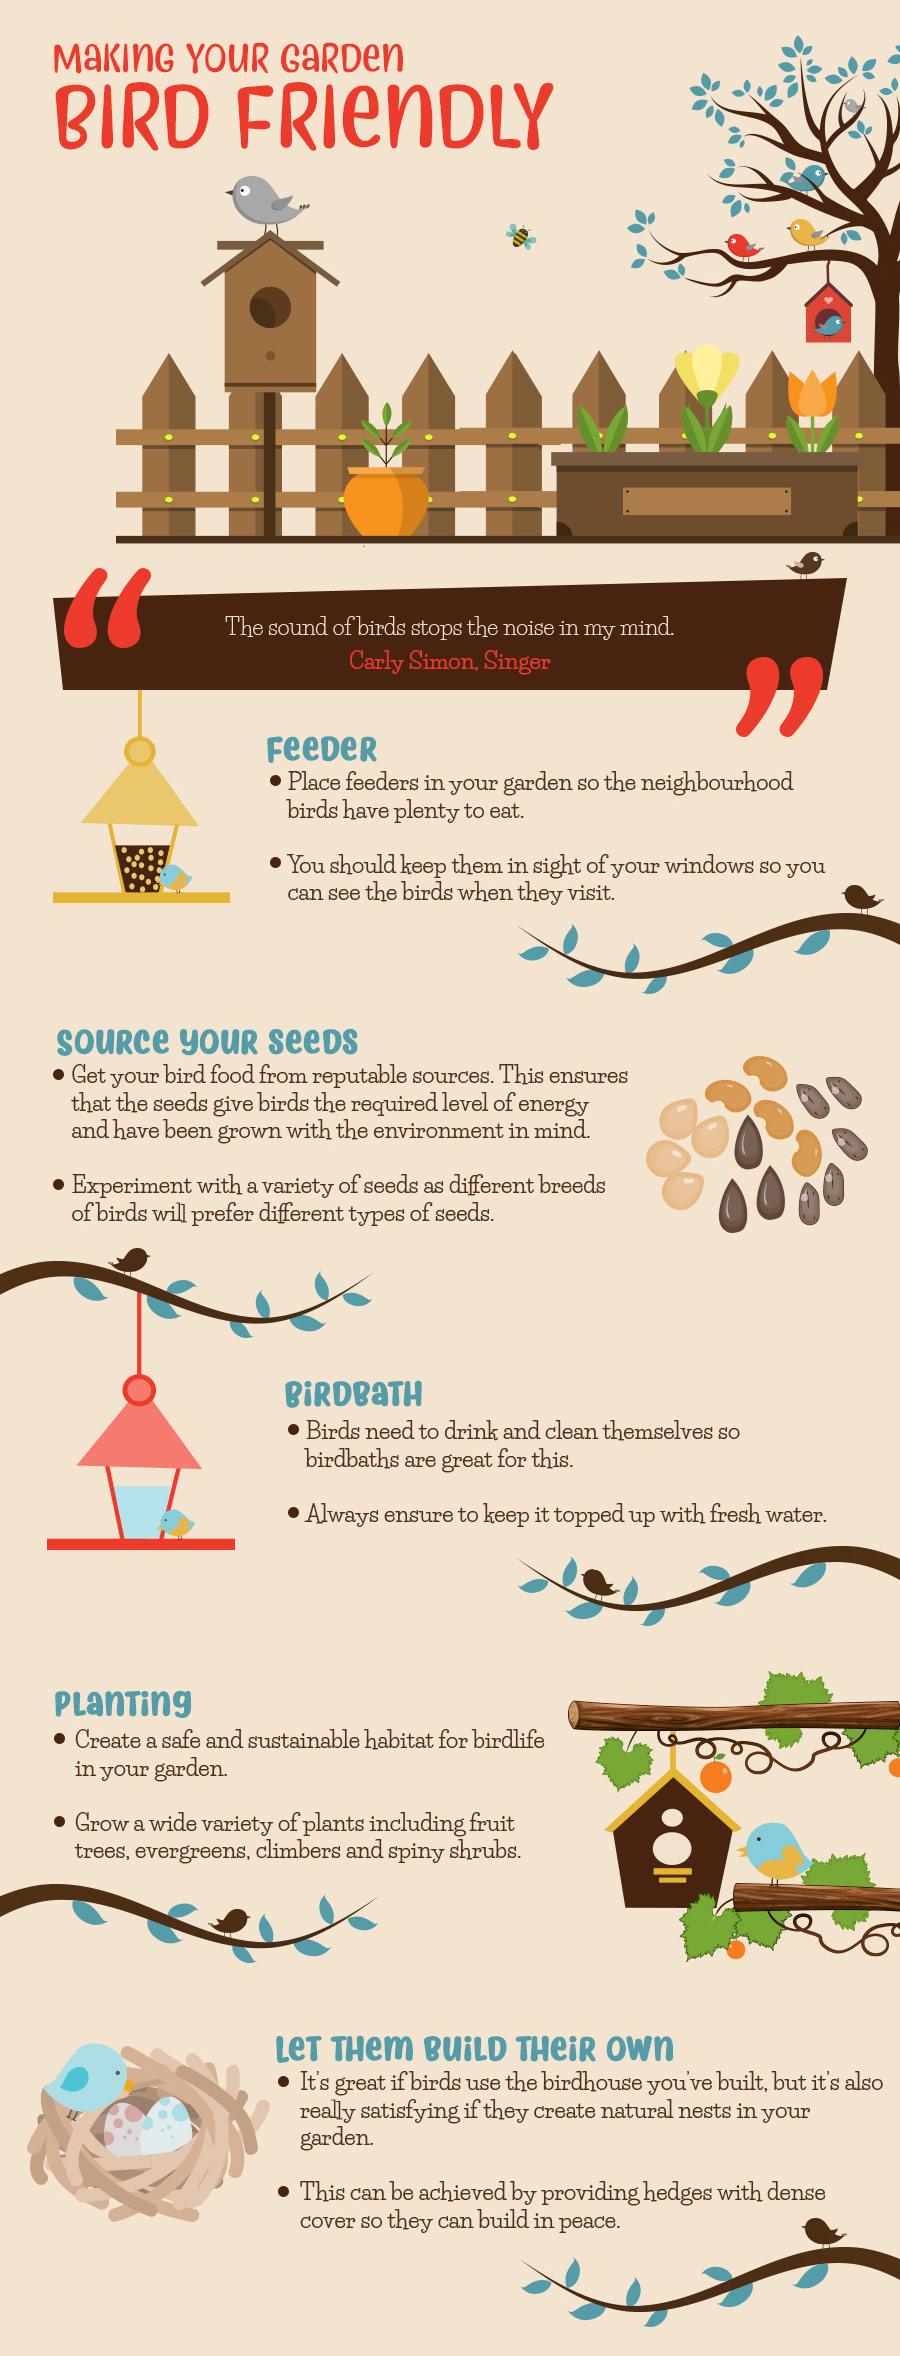 how to make a garden birdhouse friendly